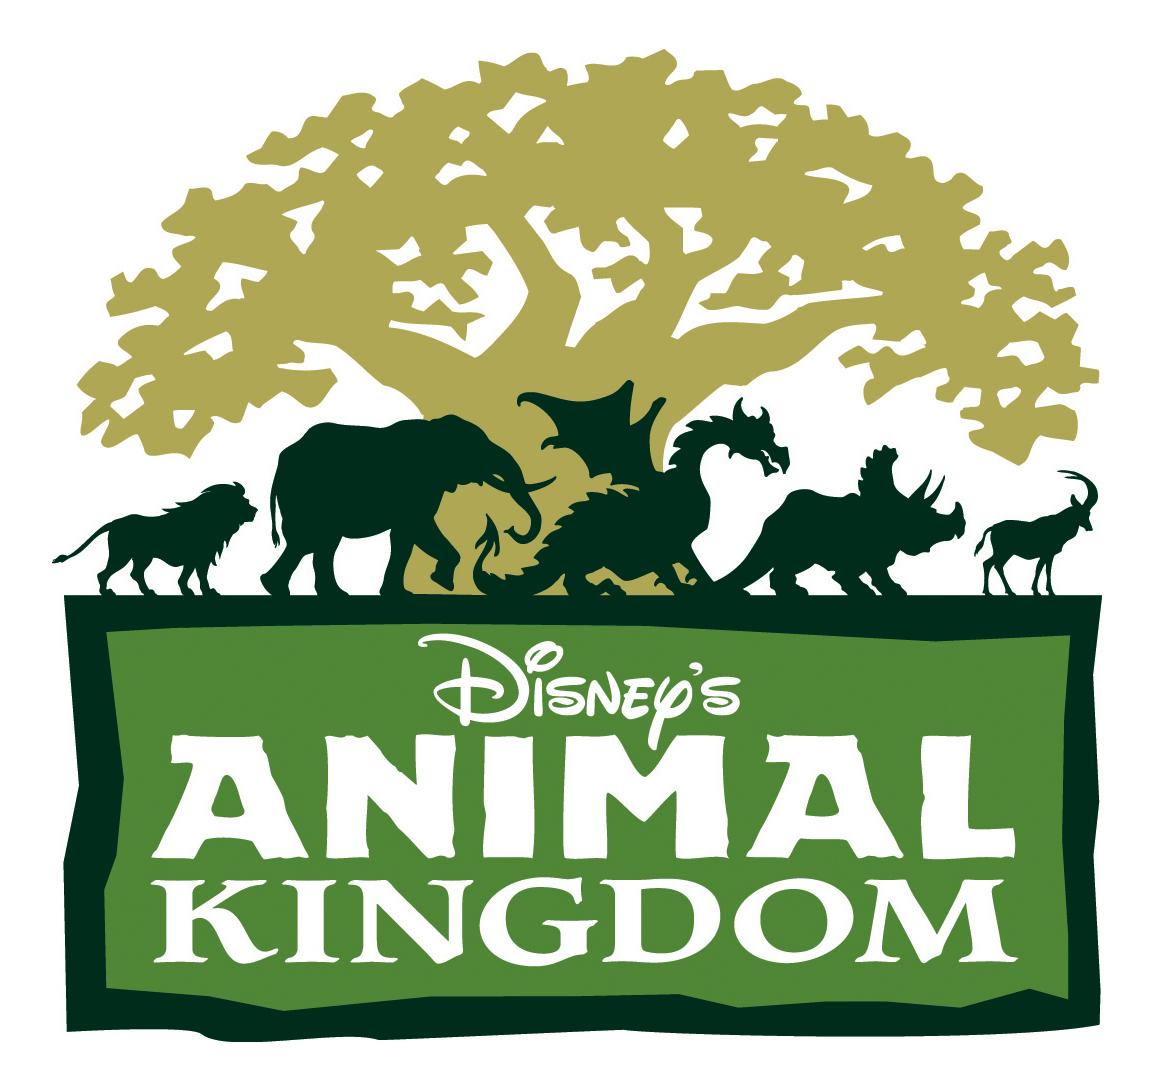 Disney world magic kingdom clipart picture Disney world magic kingdom clipart - ClipartFox picture